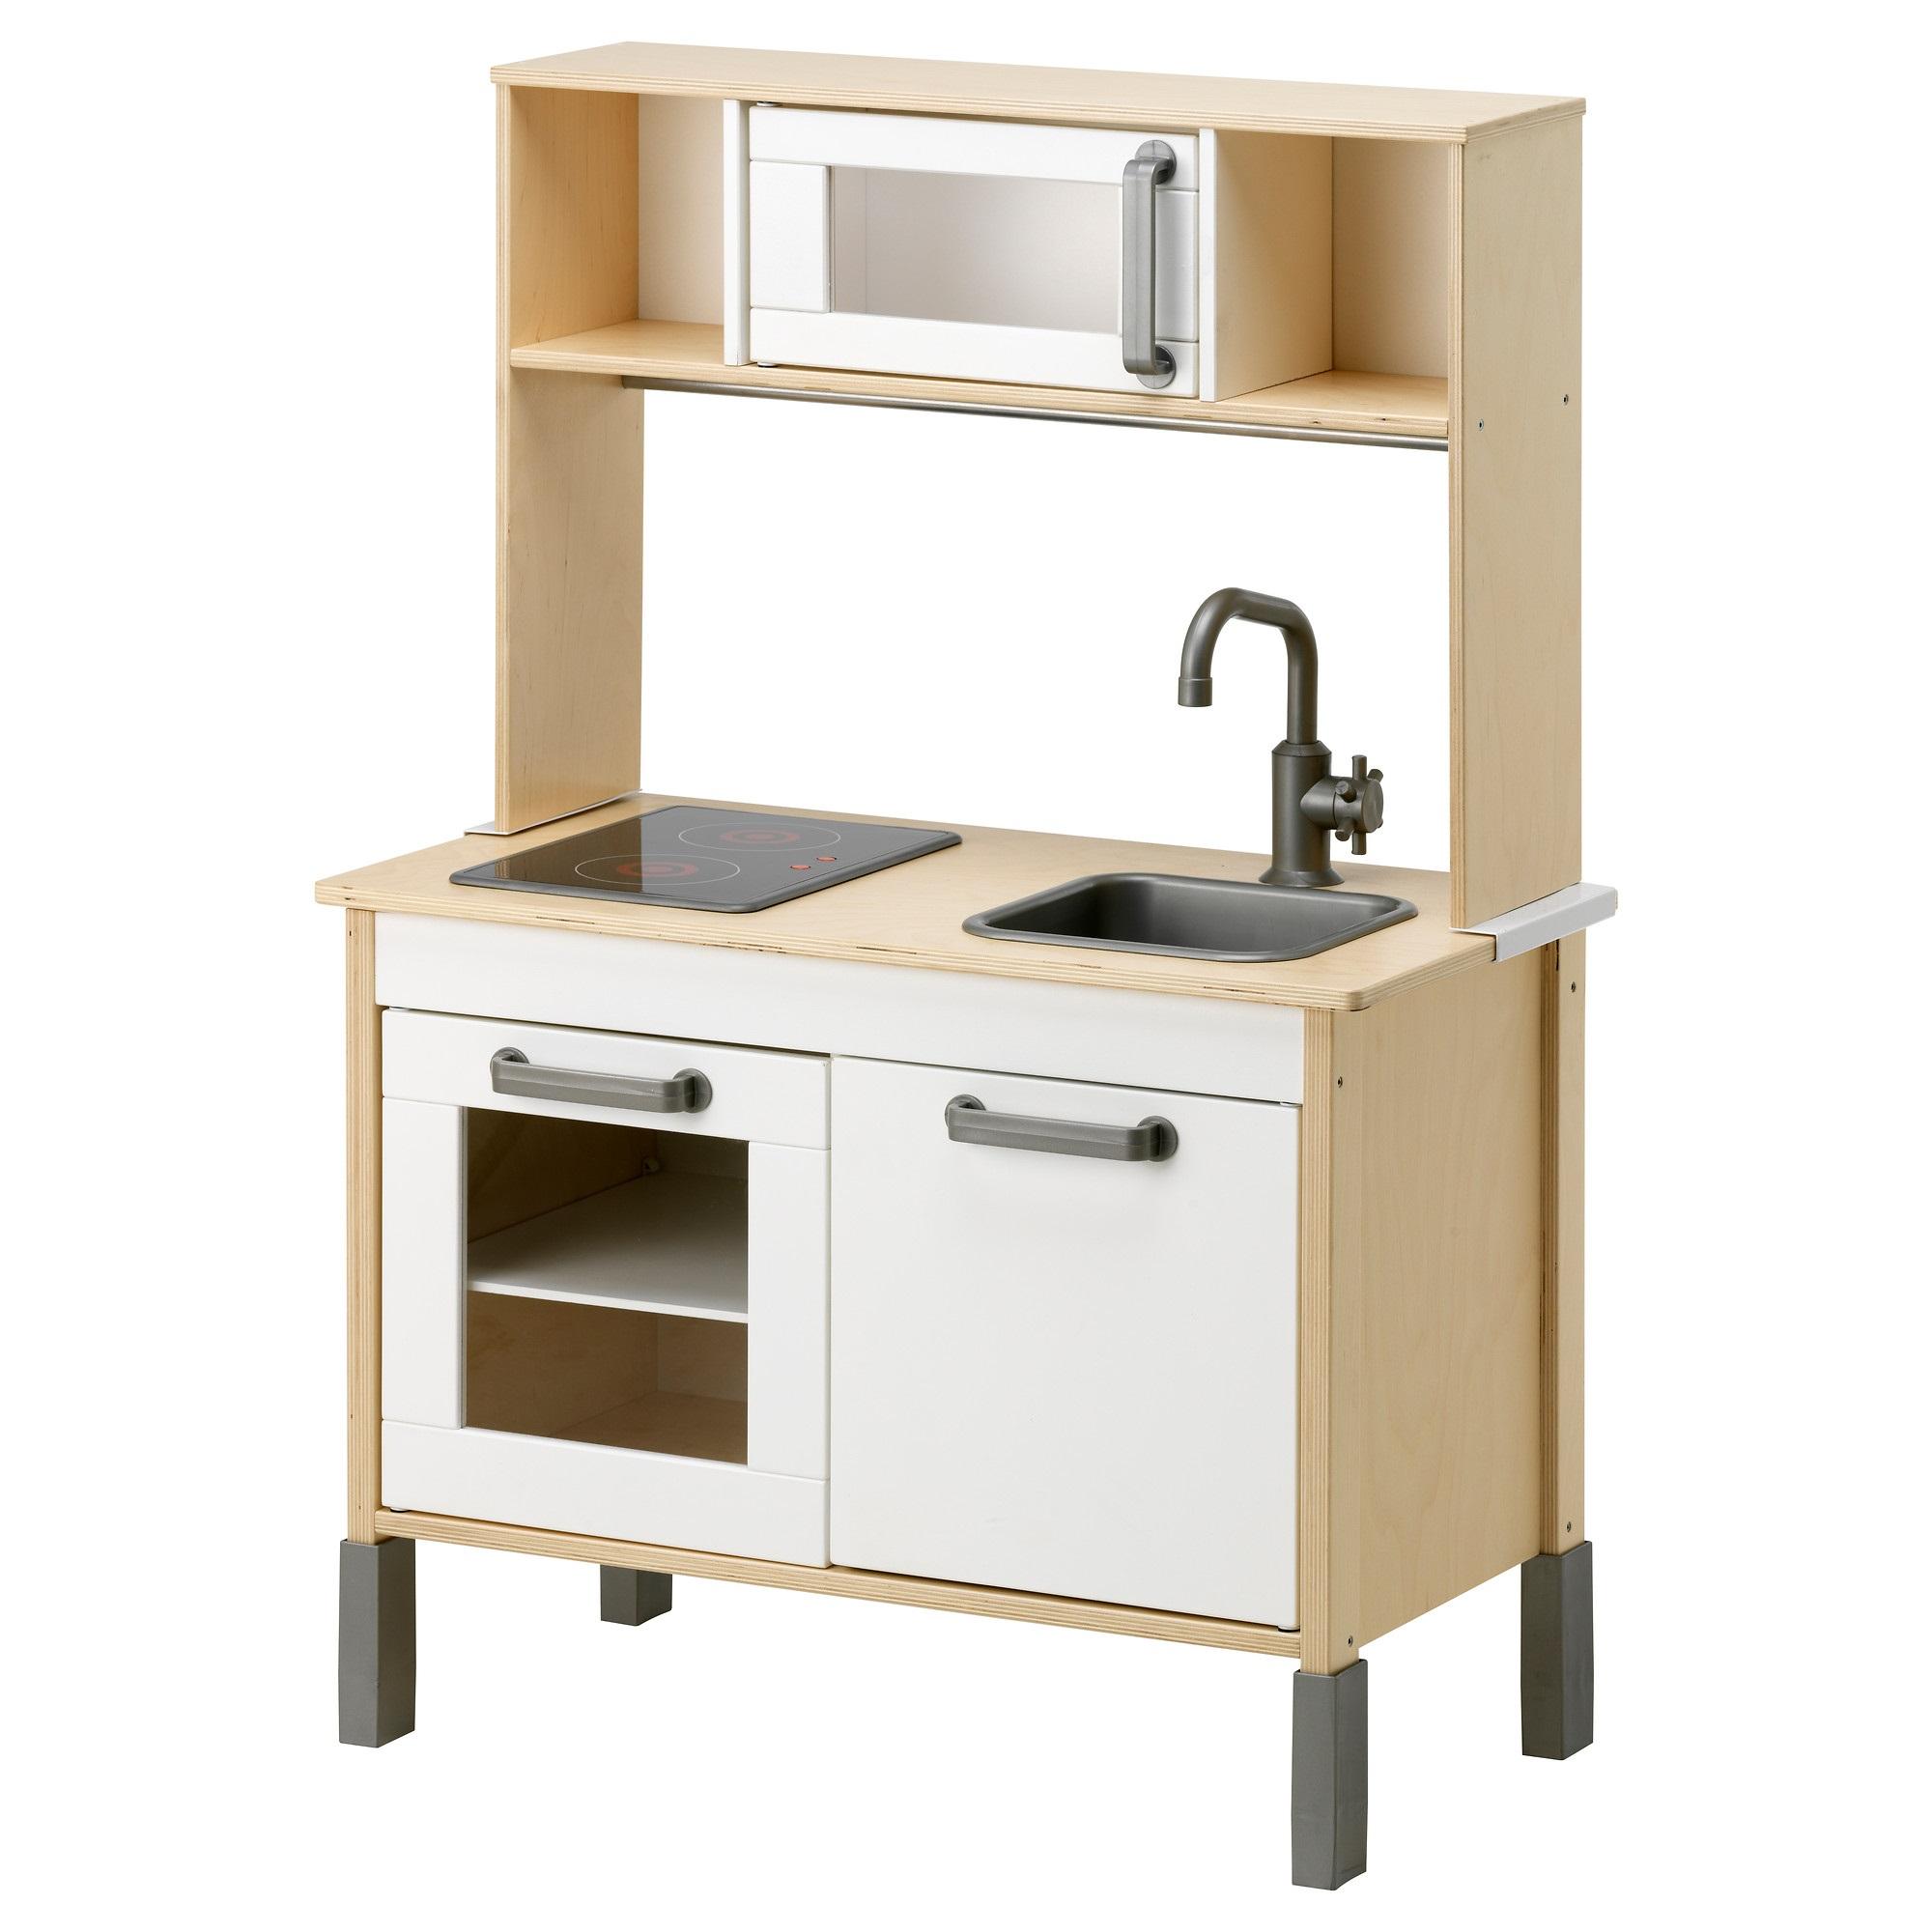 IKEA、キッチン、おままごと、DUKTIG